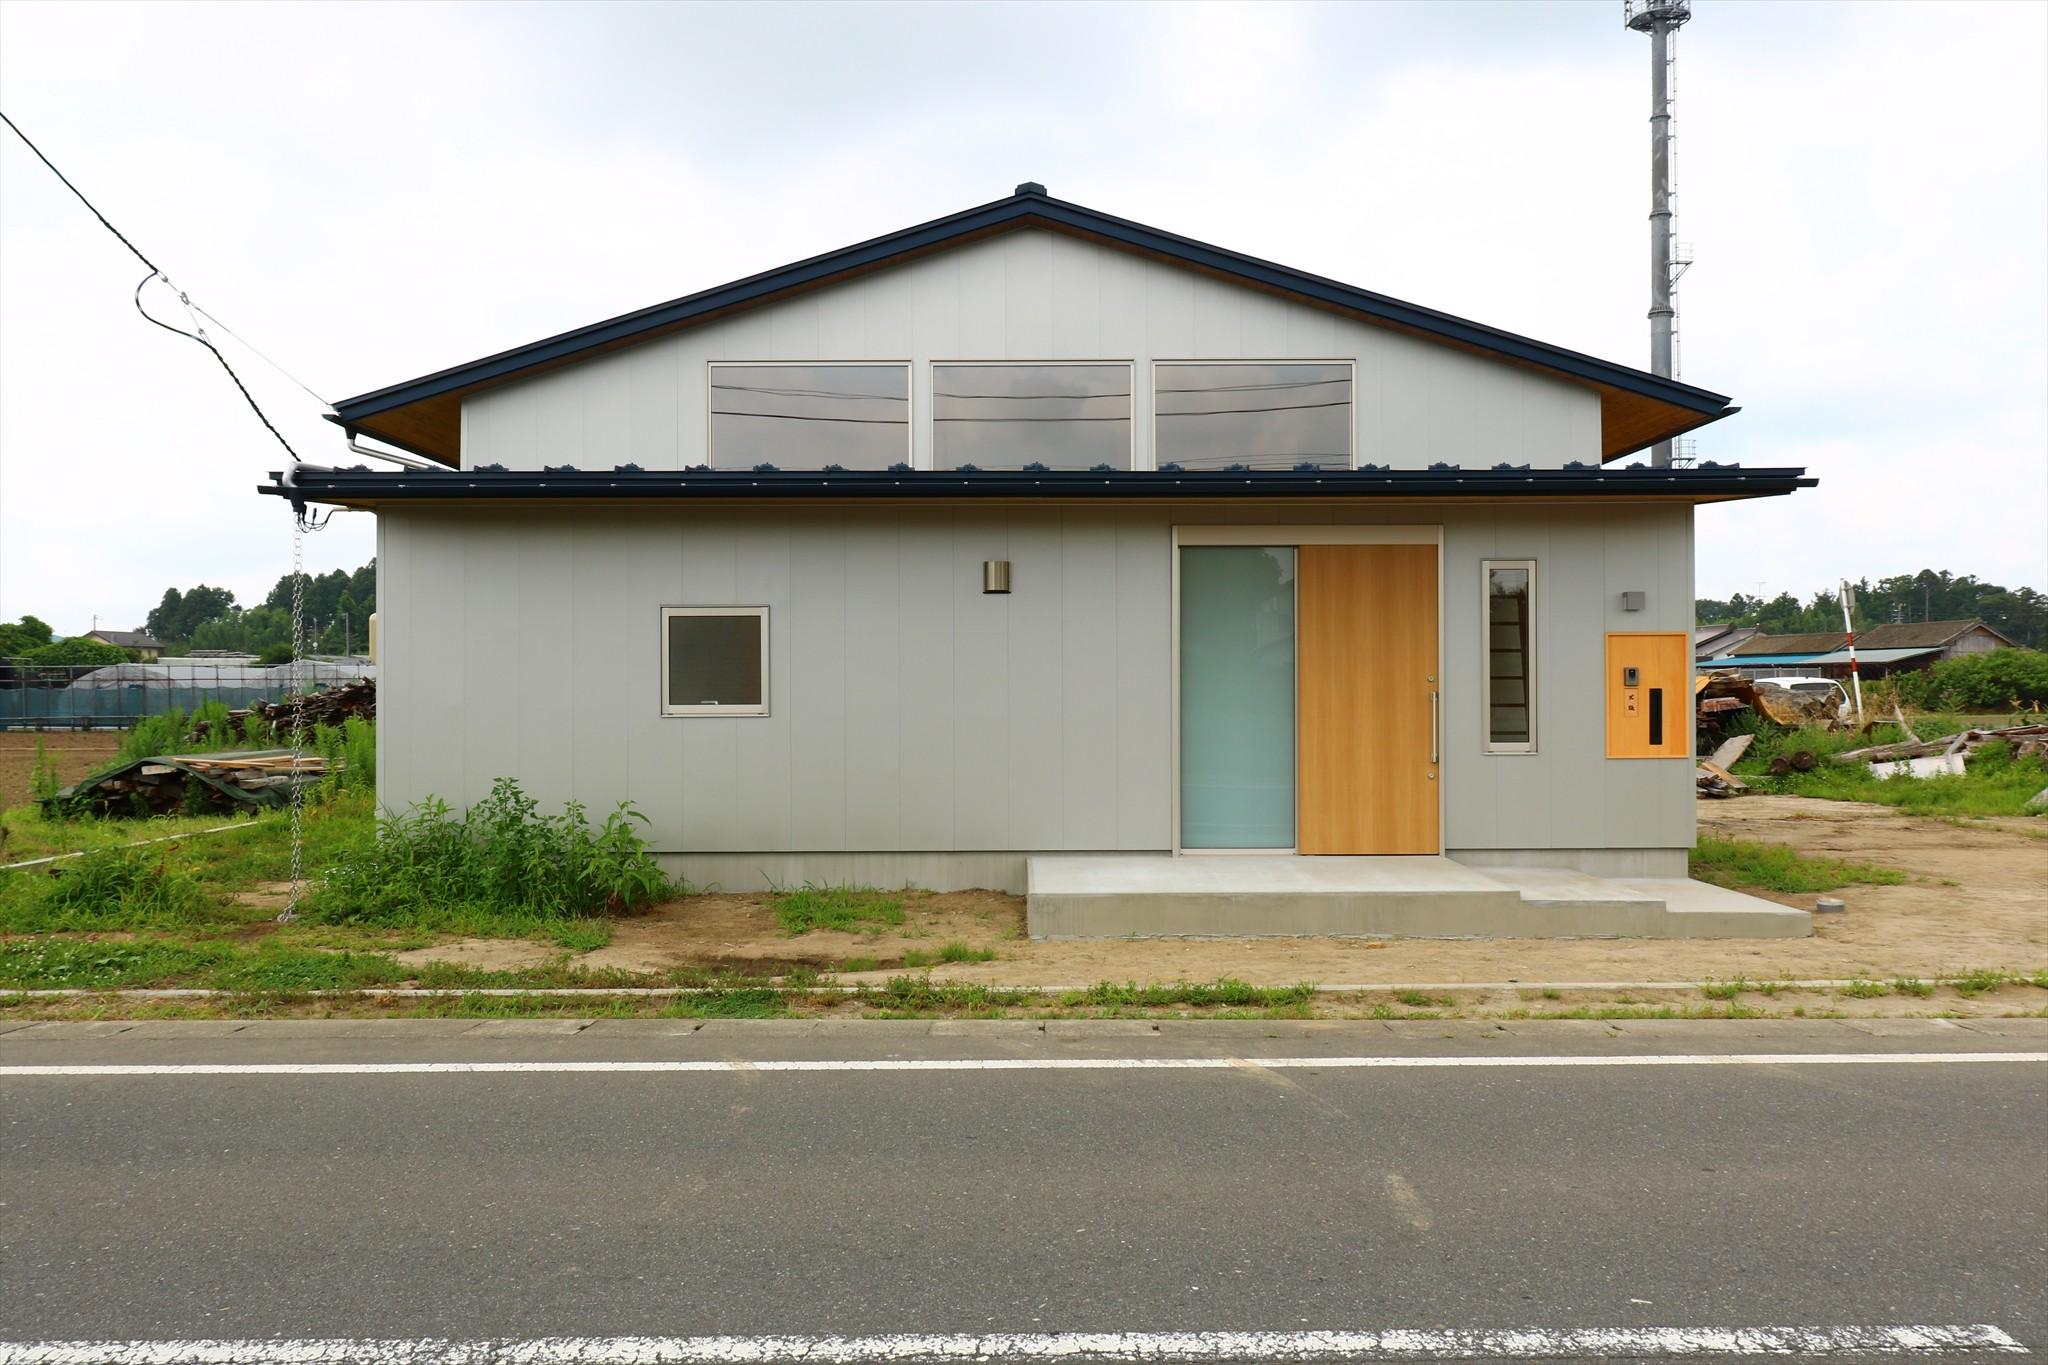 外観事例:休耕地の家 東側外観(休耕地に建つ女性のための住宅)